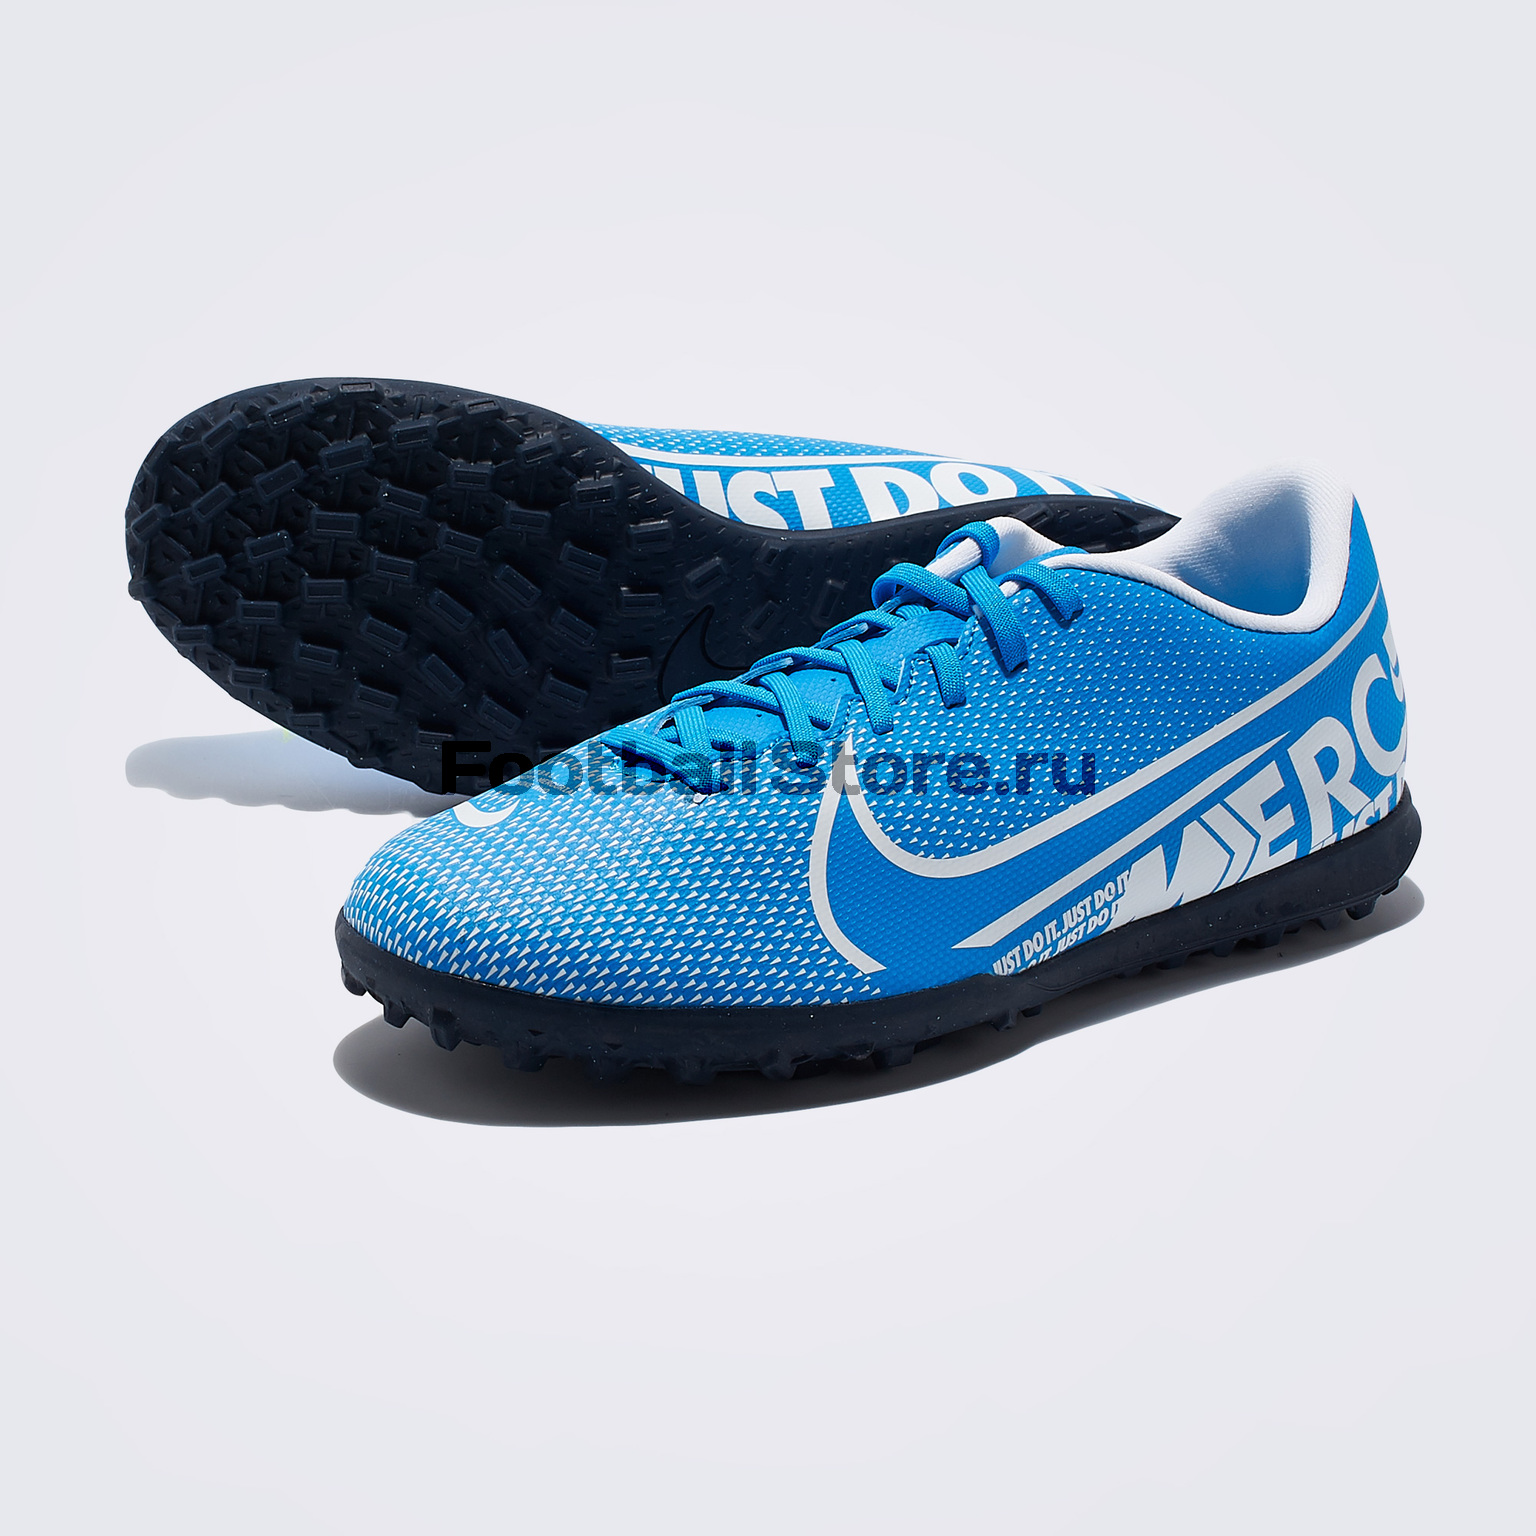 цены на Шиповки Nike Vapor 13 Club TF AT7999-414  в интернет-магазинах